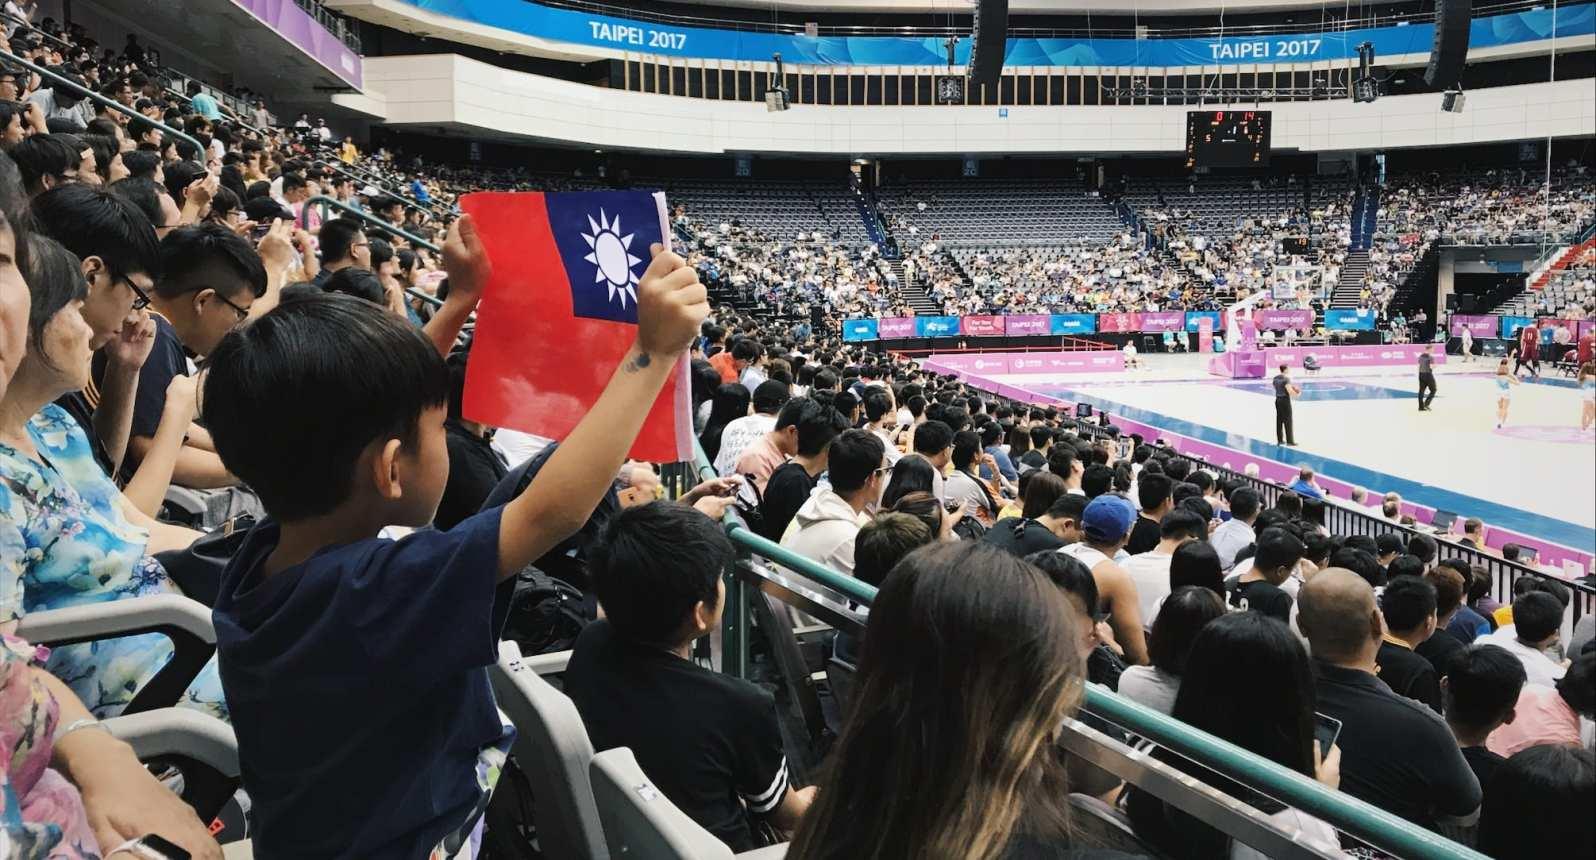 2017 taipei universiade